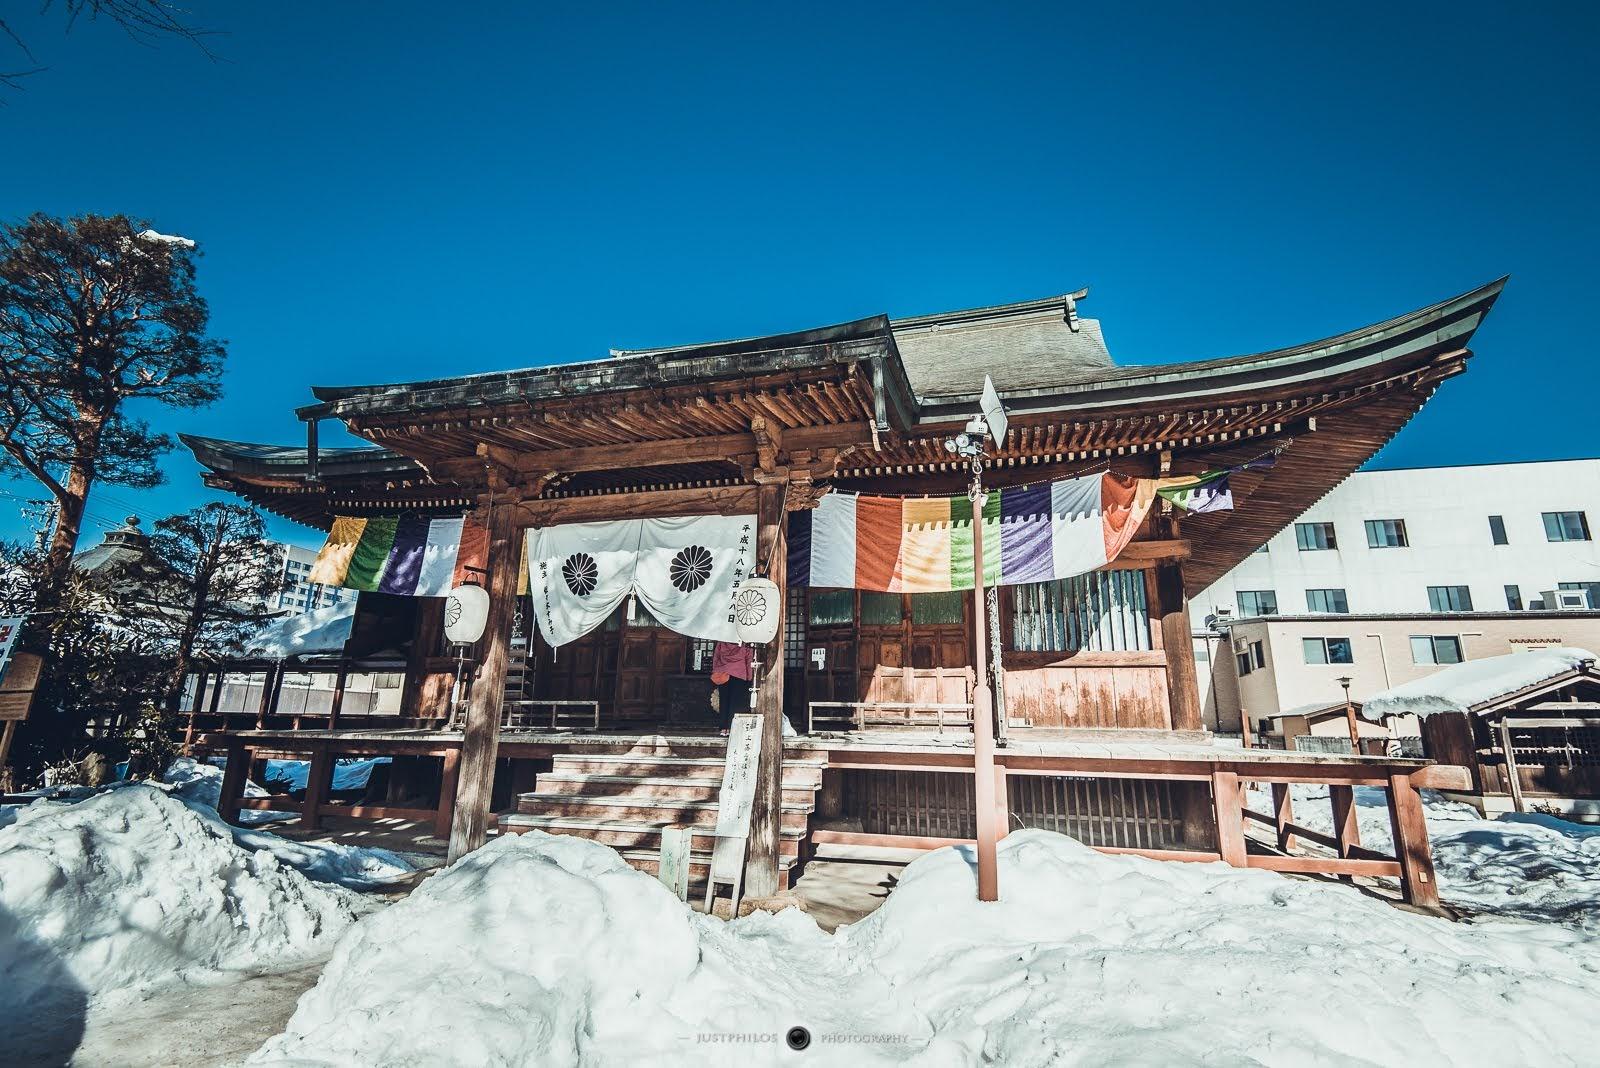 日本室町時期重建的正殿(日本重要文化遺產),安置藤原時期的正尊藥師如來坐像(重要文化遺產)以及正尊聖觀世音菩薩立像(重要文化遺產)。